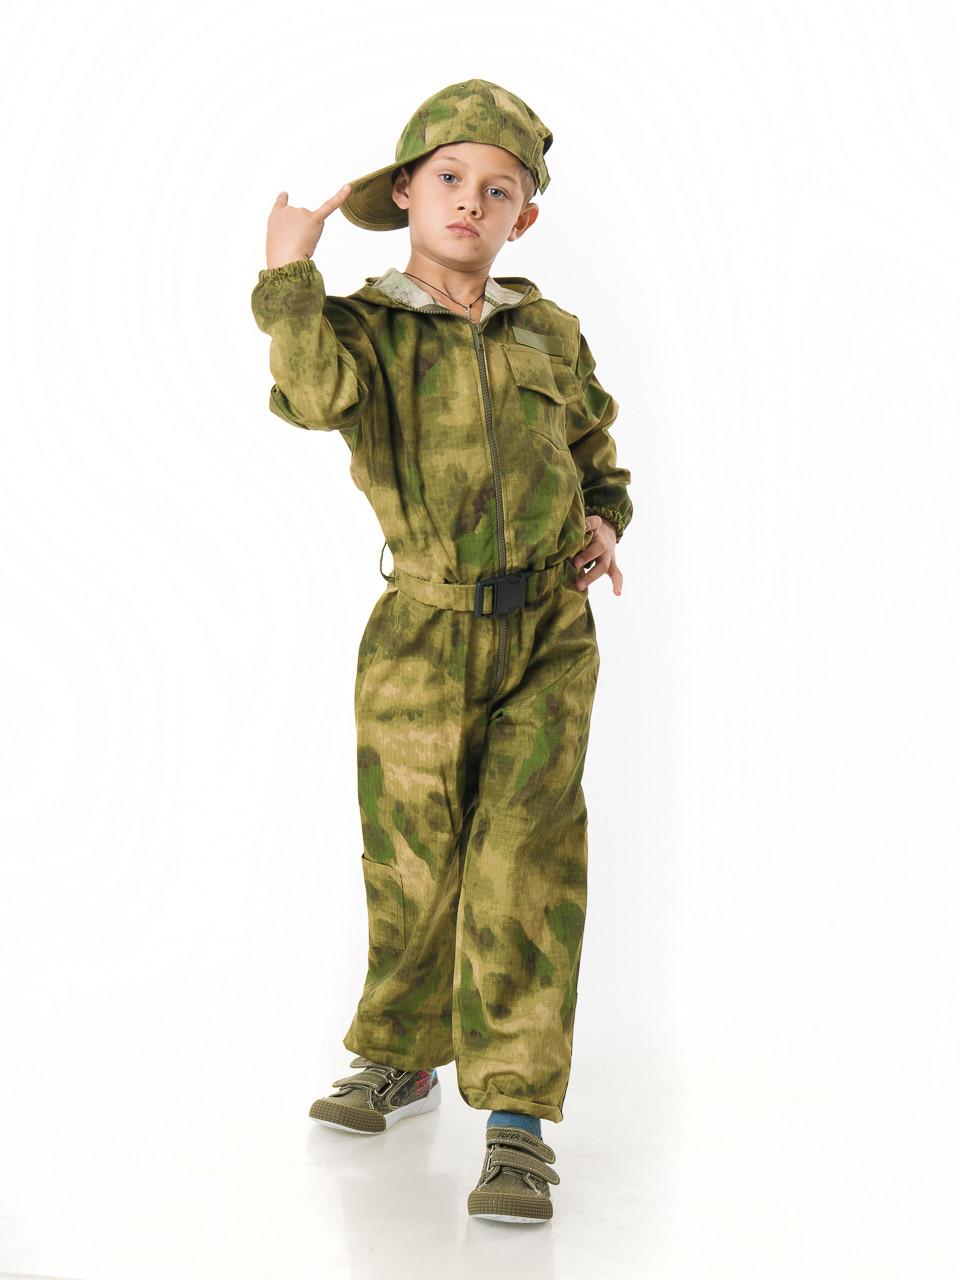 Комбинезон детский Пейнтбол для мальчиков камуфляж A-TACS рост 140 см